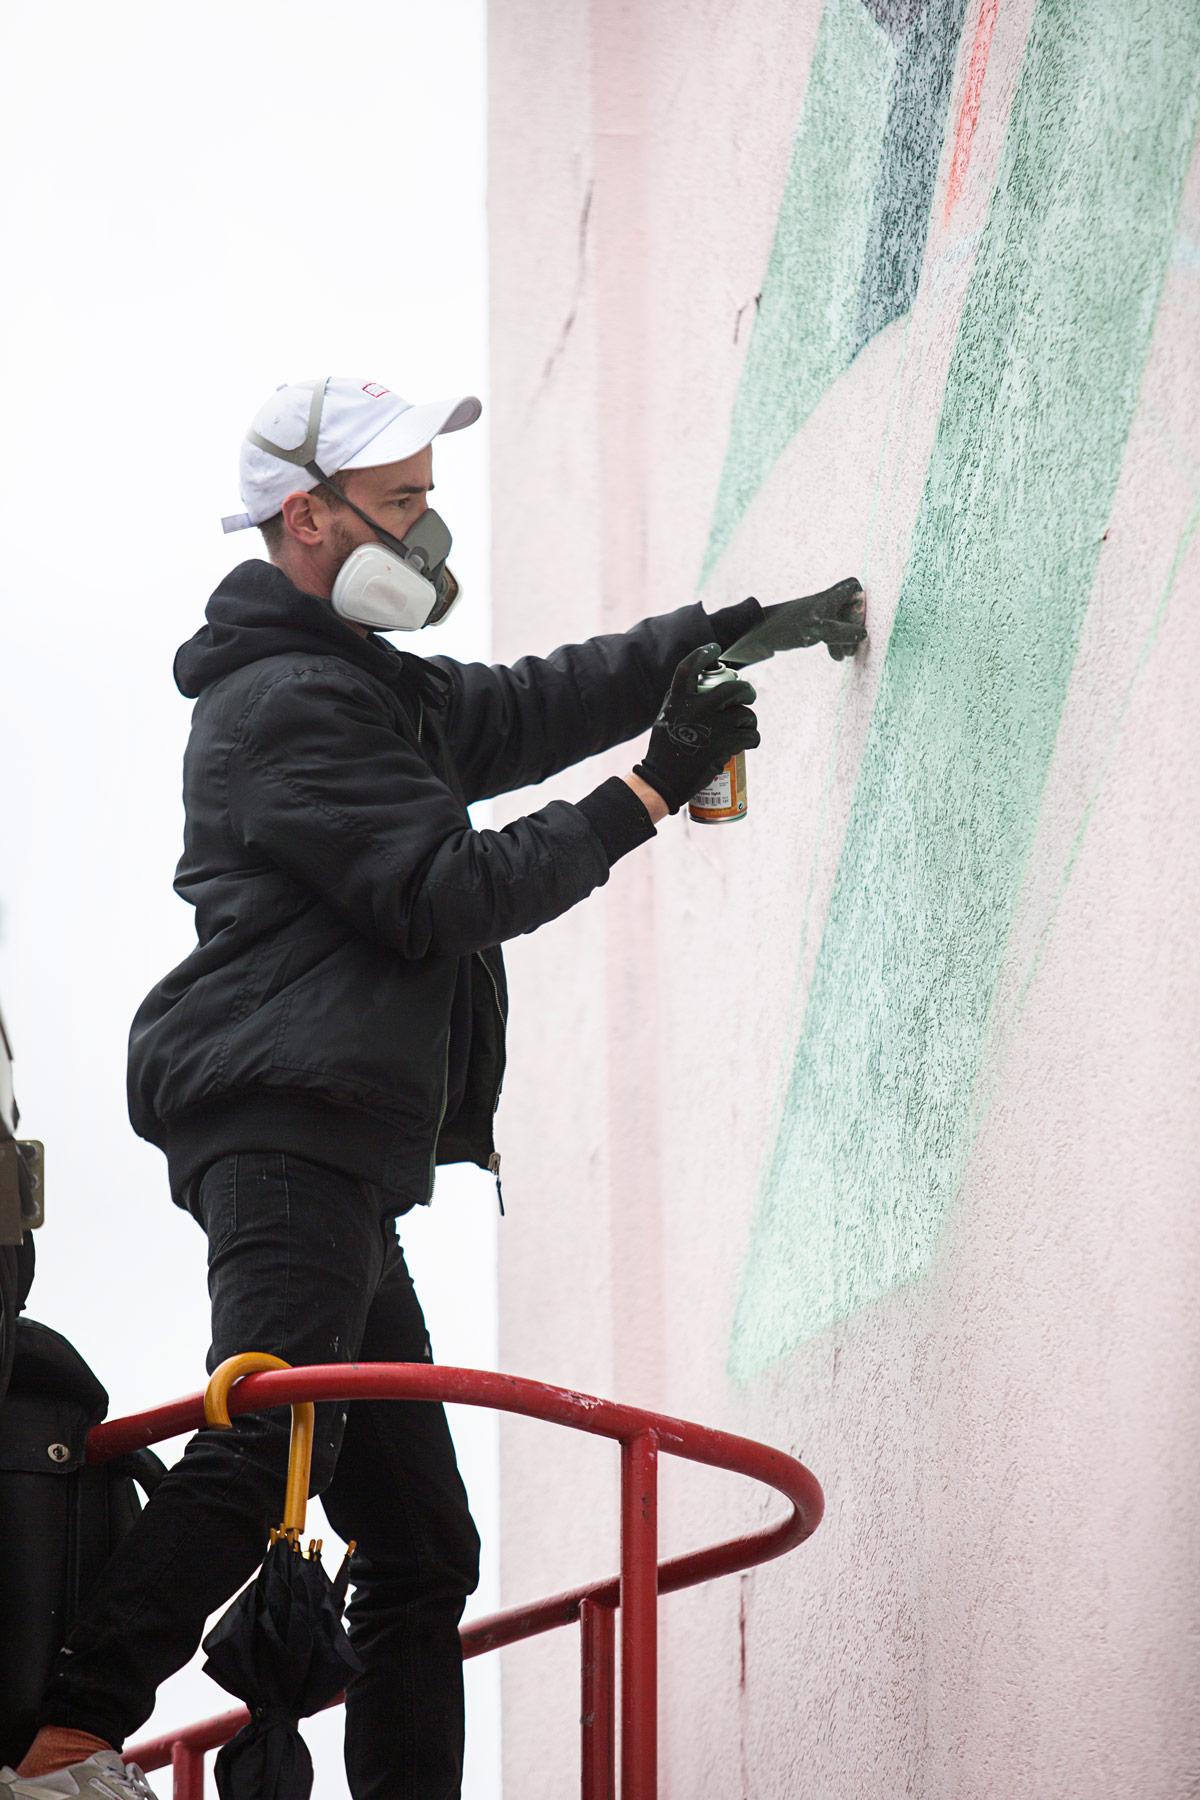 low-bros-mural-hamburg-walls-can-dance-4